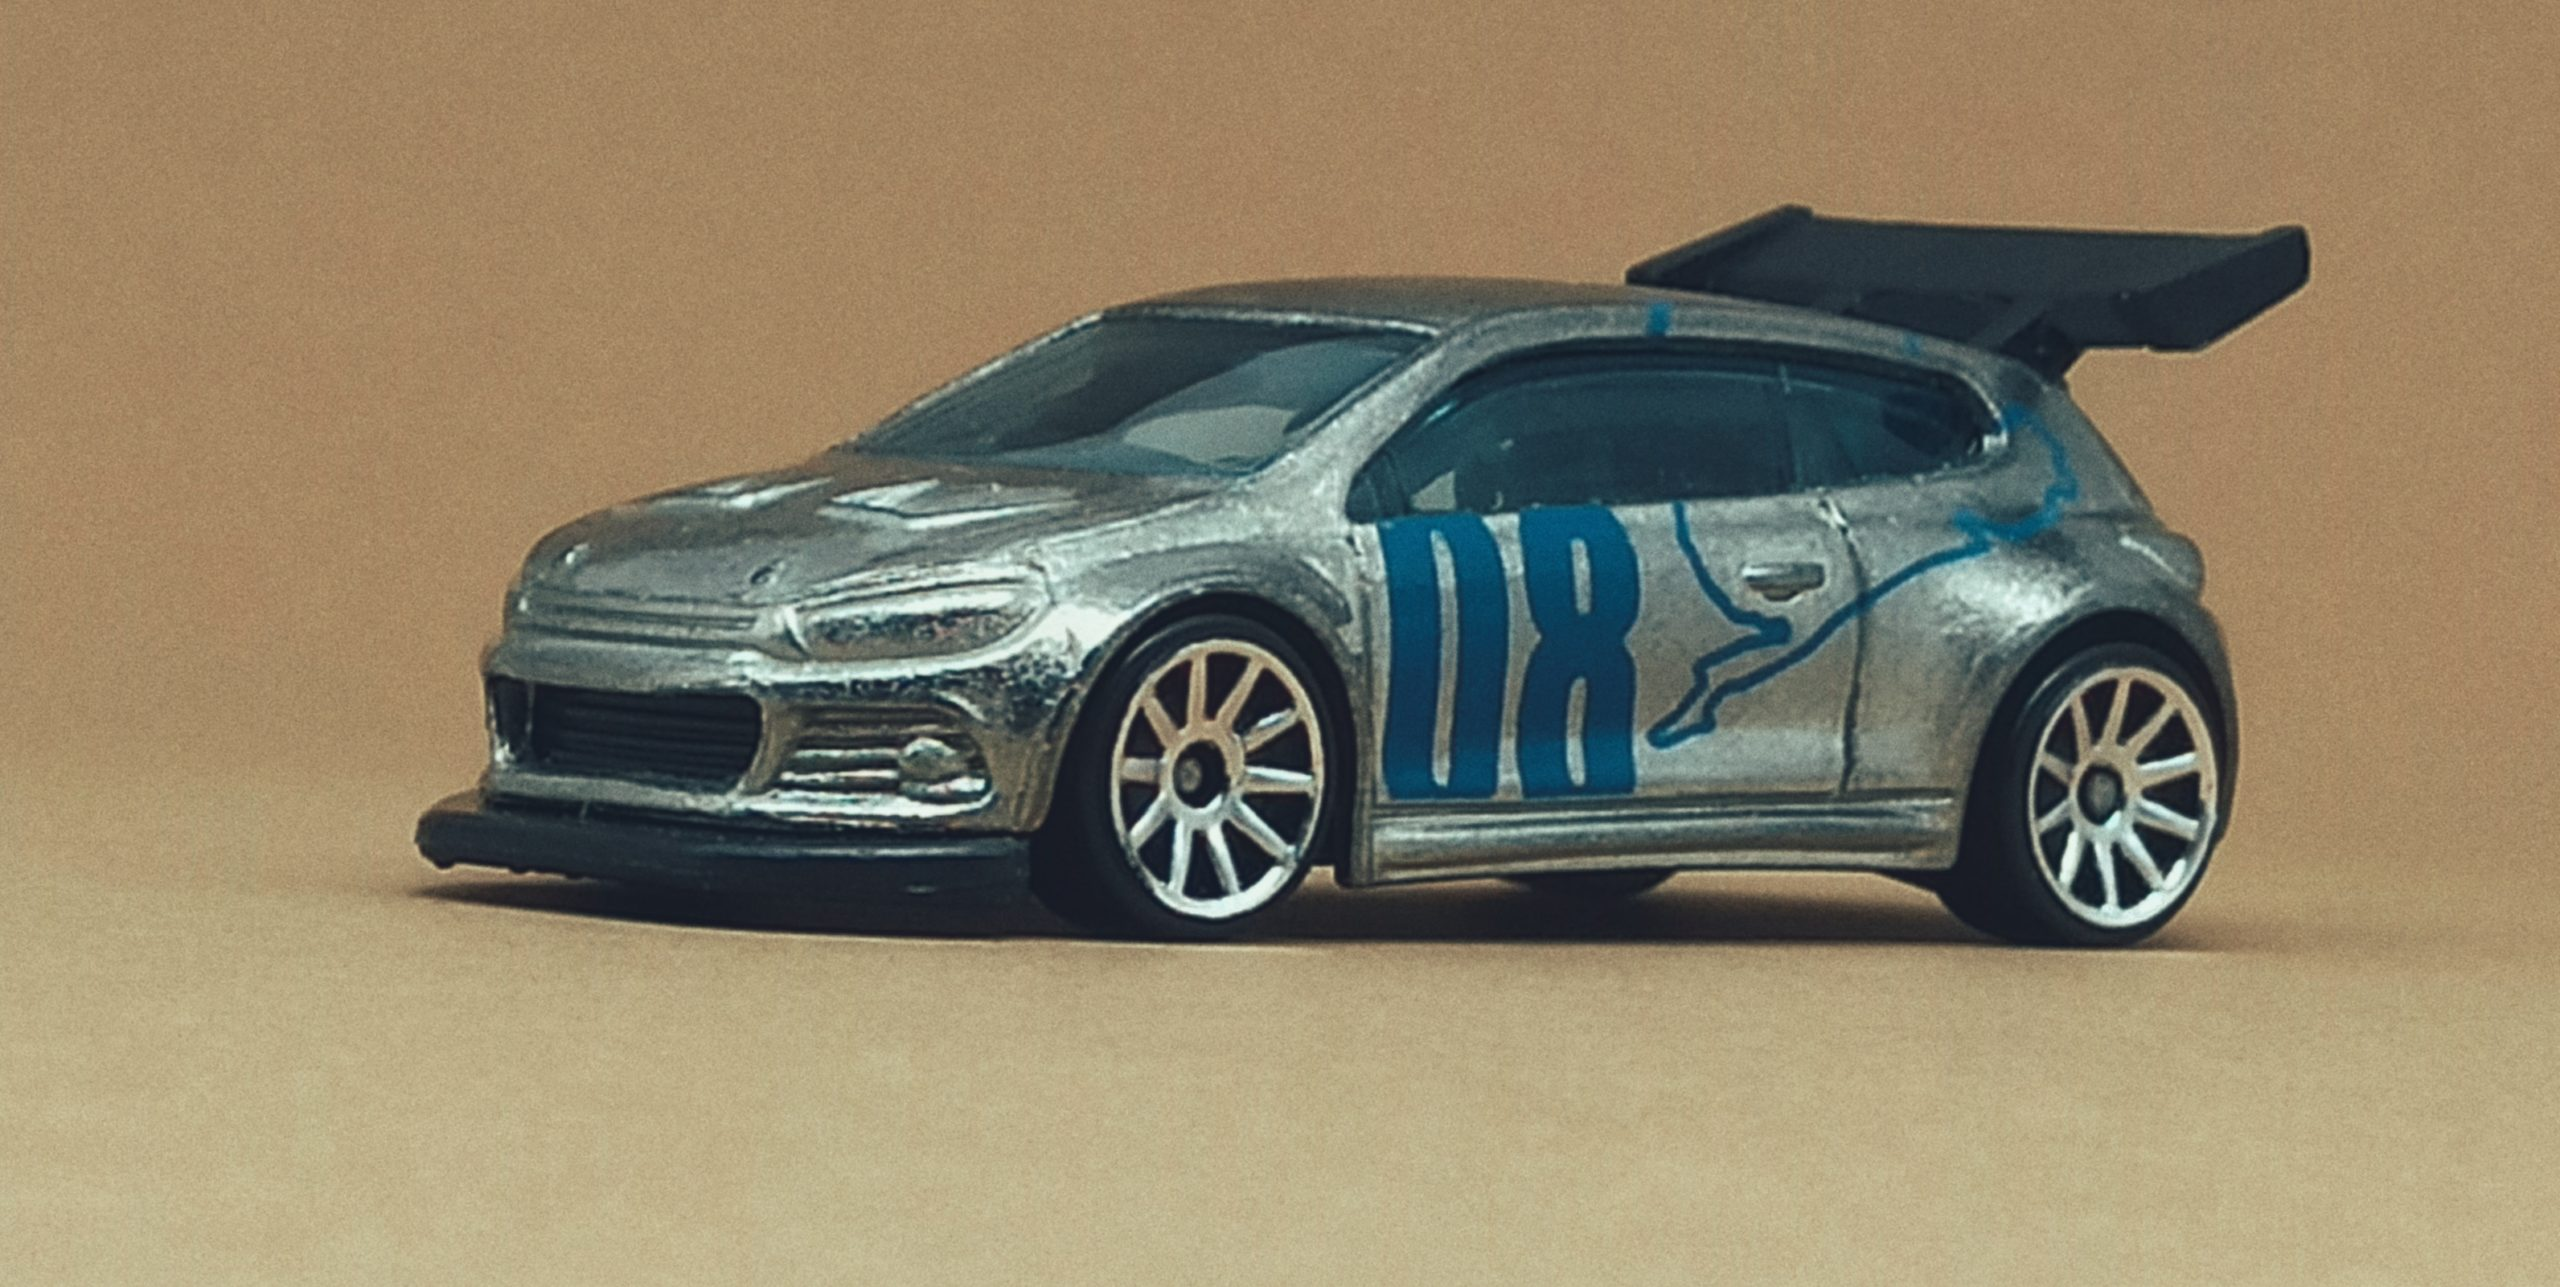 Hot Wheels Volkswagen Scirocco GT 24 (X2050) 2013 (160/250) HW Showroom: Asphalt Assault VW zamac side angle